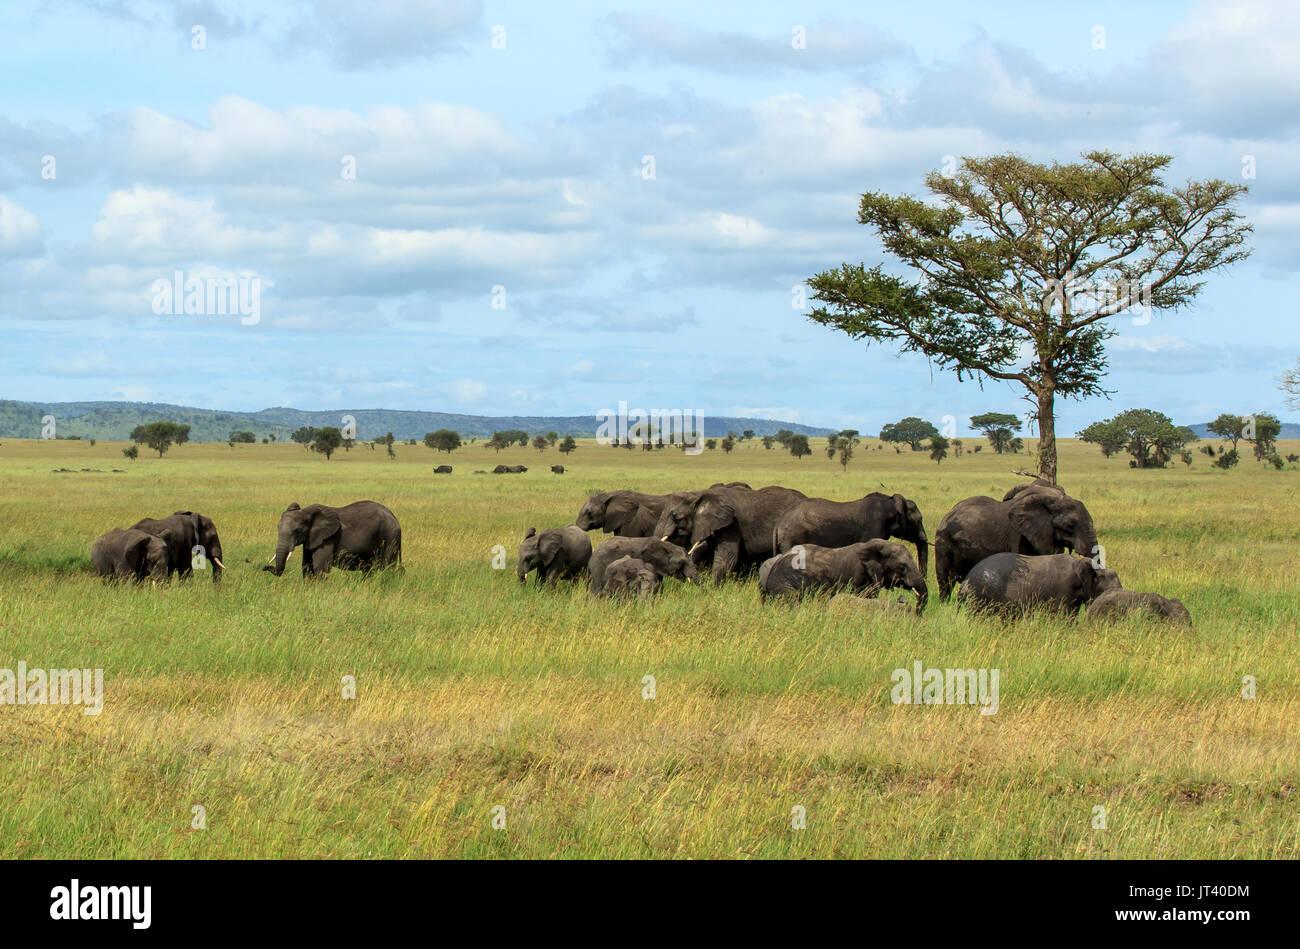 Un troupeau d'éléphants qui paissent dans les prairies du Serengeti Photo Stock